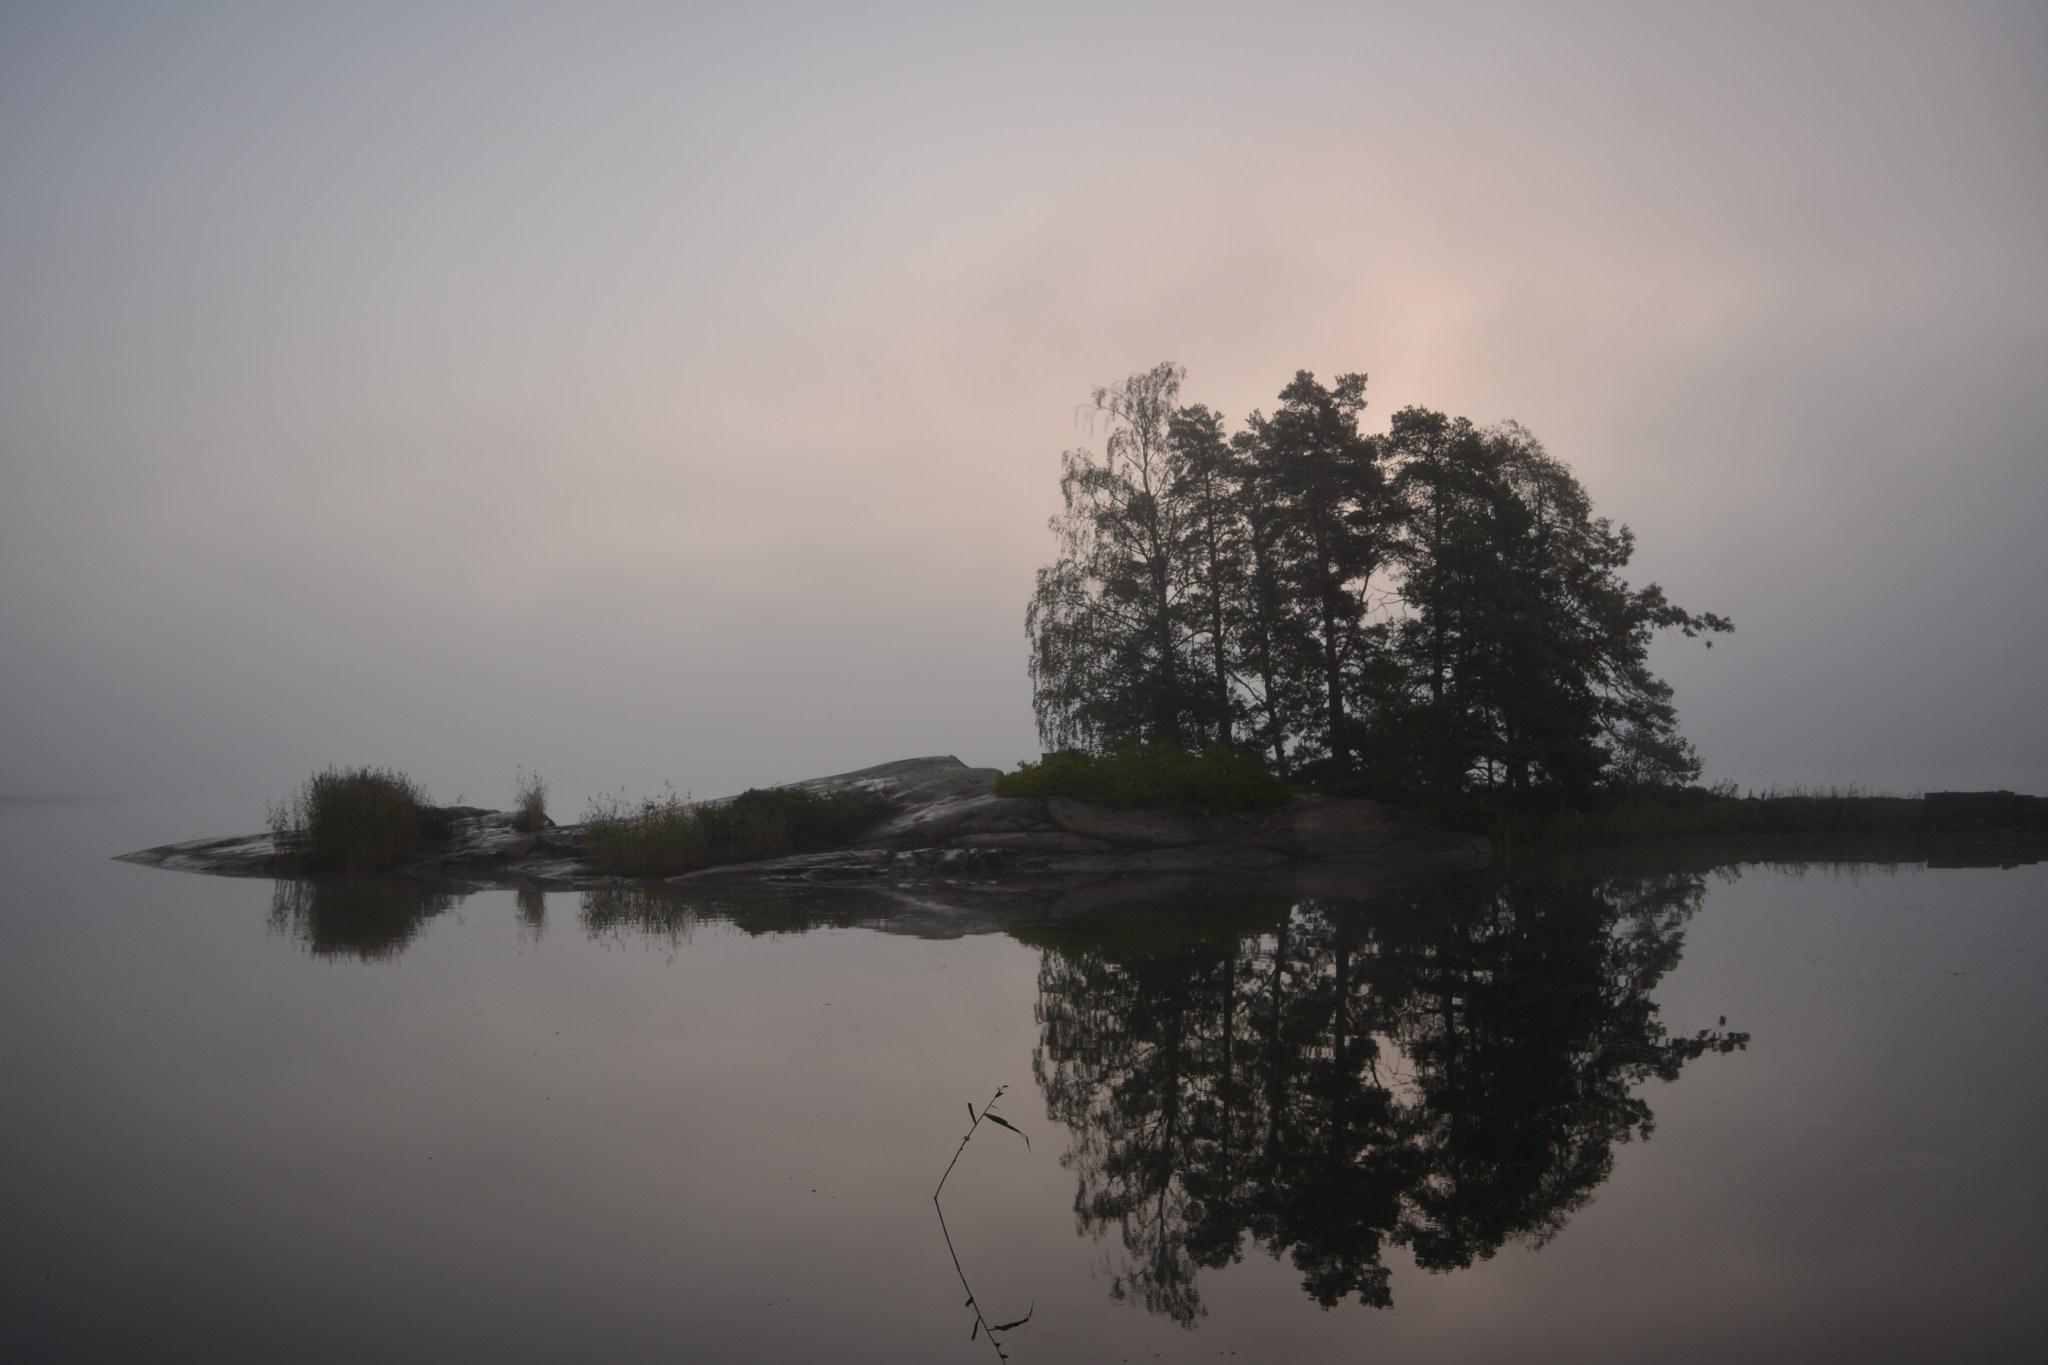 Pikkusaari aikaisin aamulla auringon ollessa vielä hyvin alhaalla.